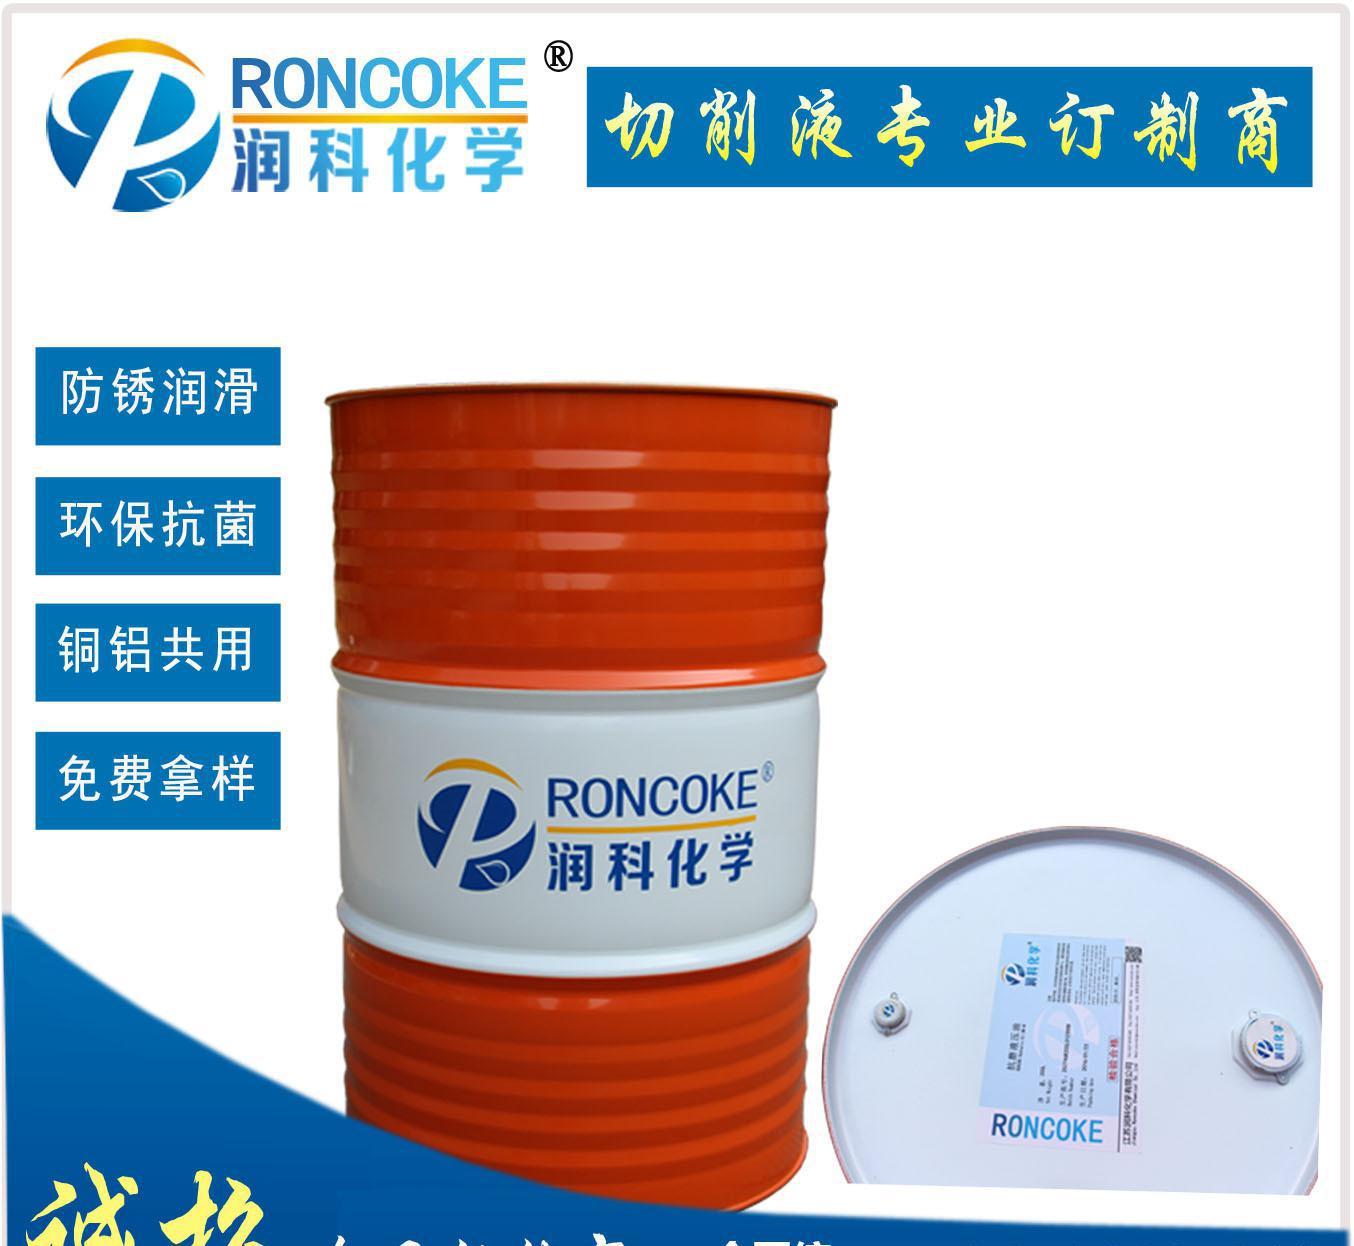 防锈乳化油 RM-7011 润科乳化液 乳化油 皂化油 皂化液 切削液